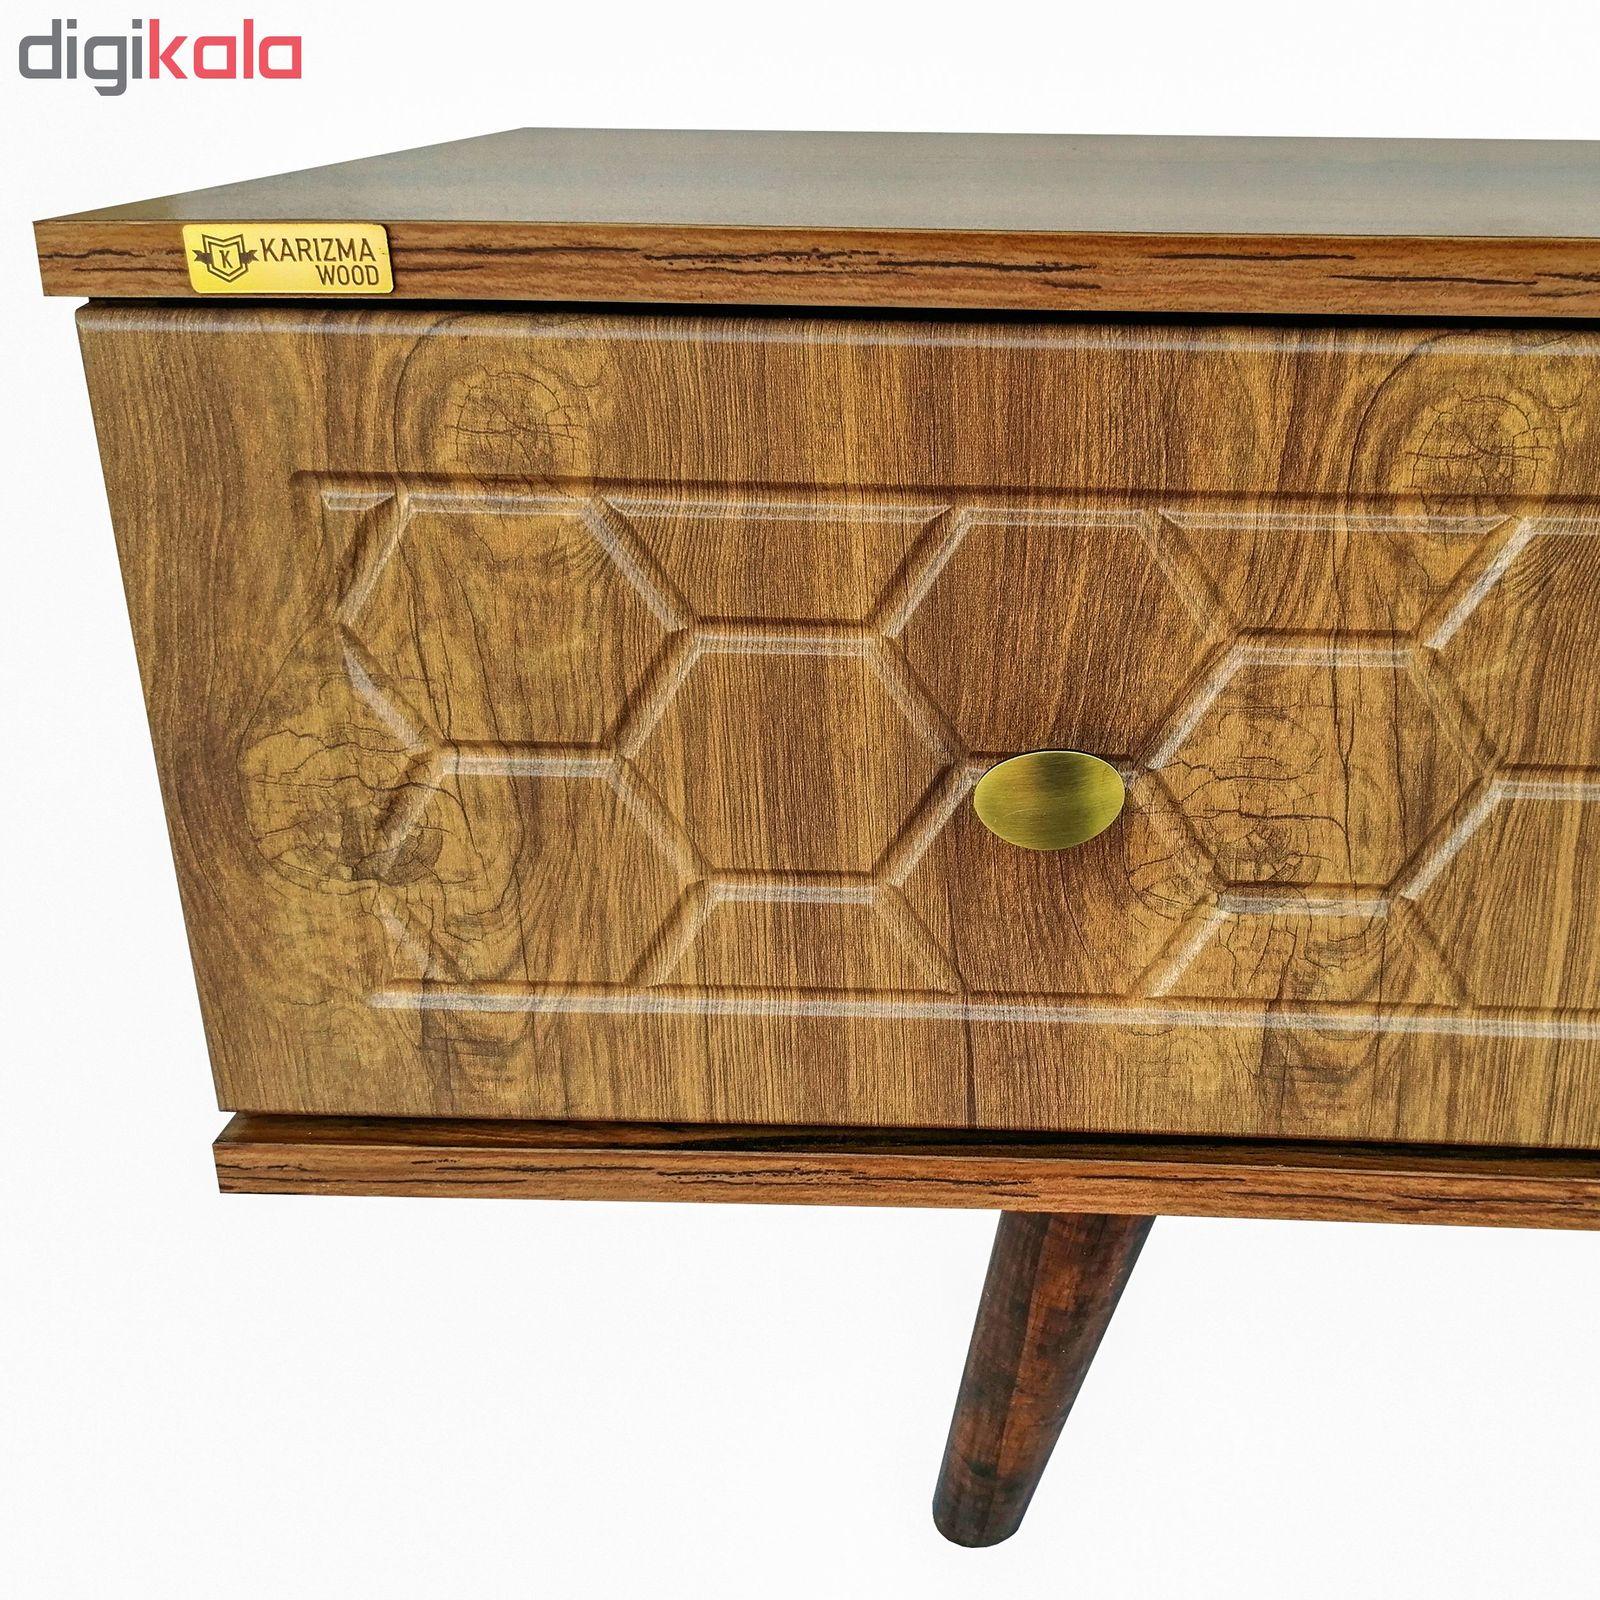 میز تلویزیون کاریزما وود مدل A205 main 1 4